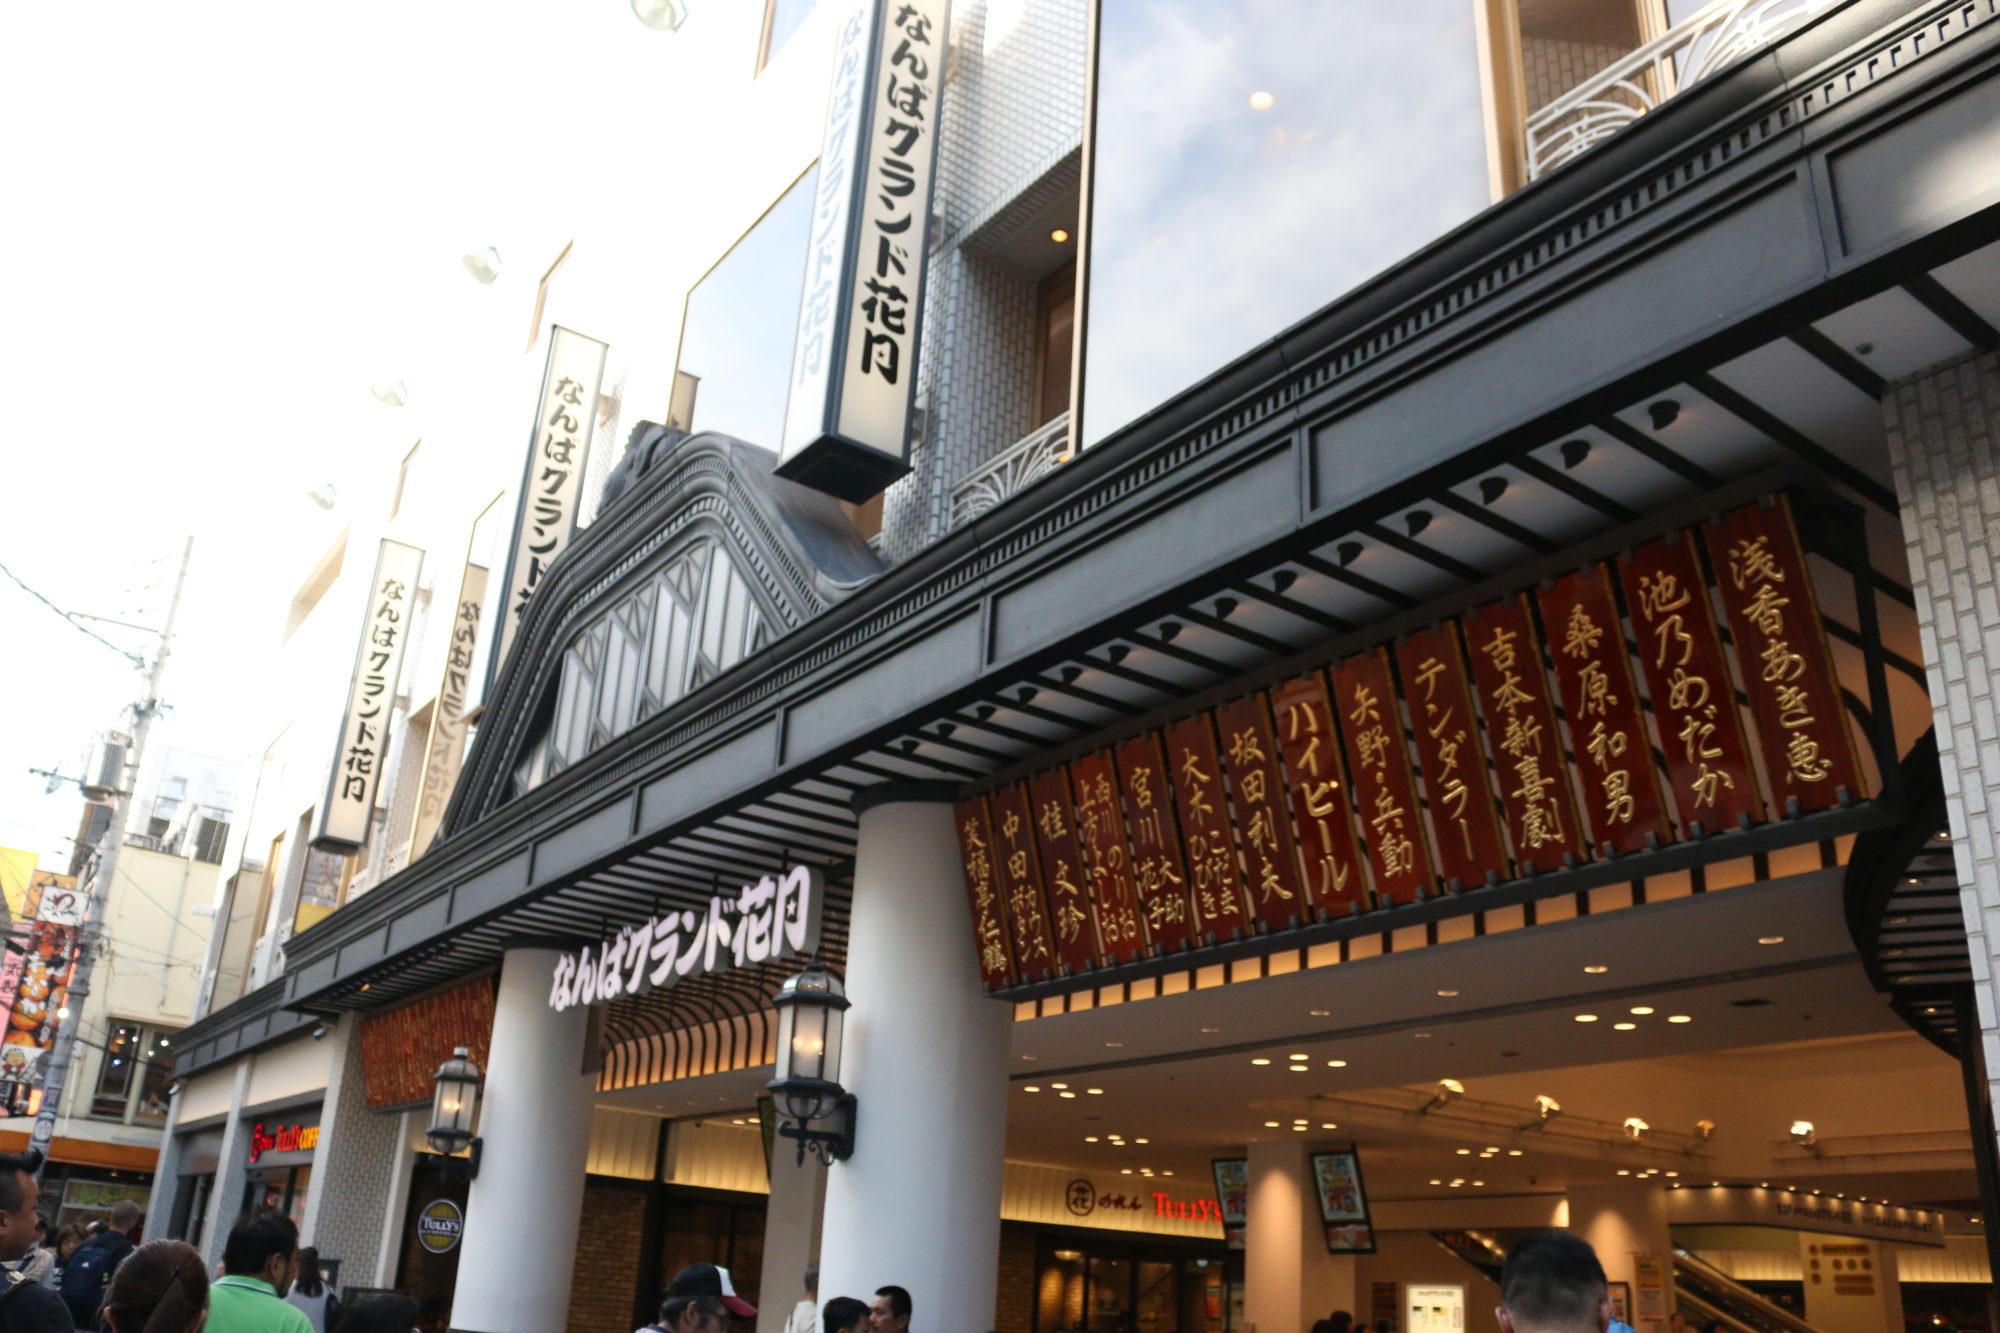 大阪なんばを半日観光!〜なんばグランド花月、グリコ、パークスとたこ焼きと551の食べ歩き〜